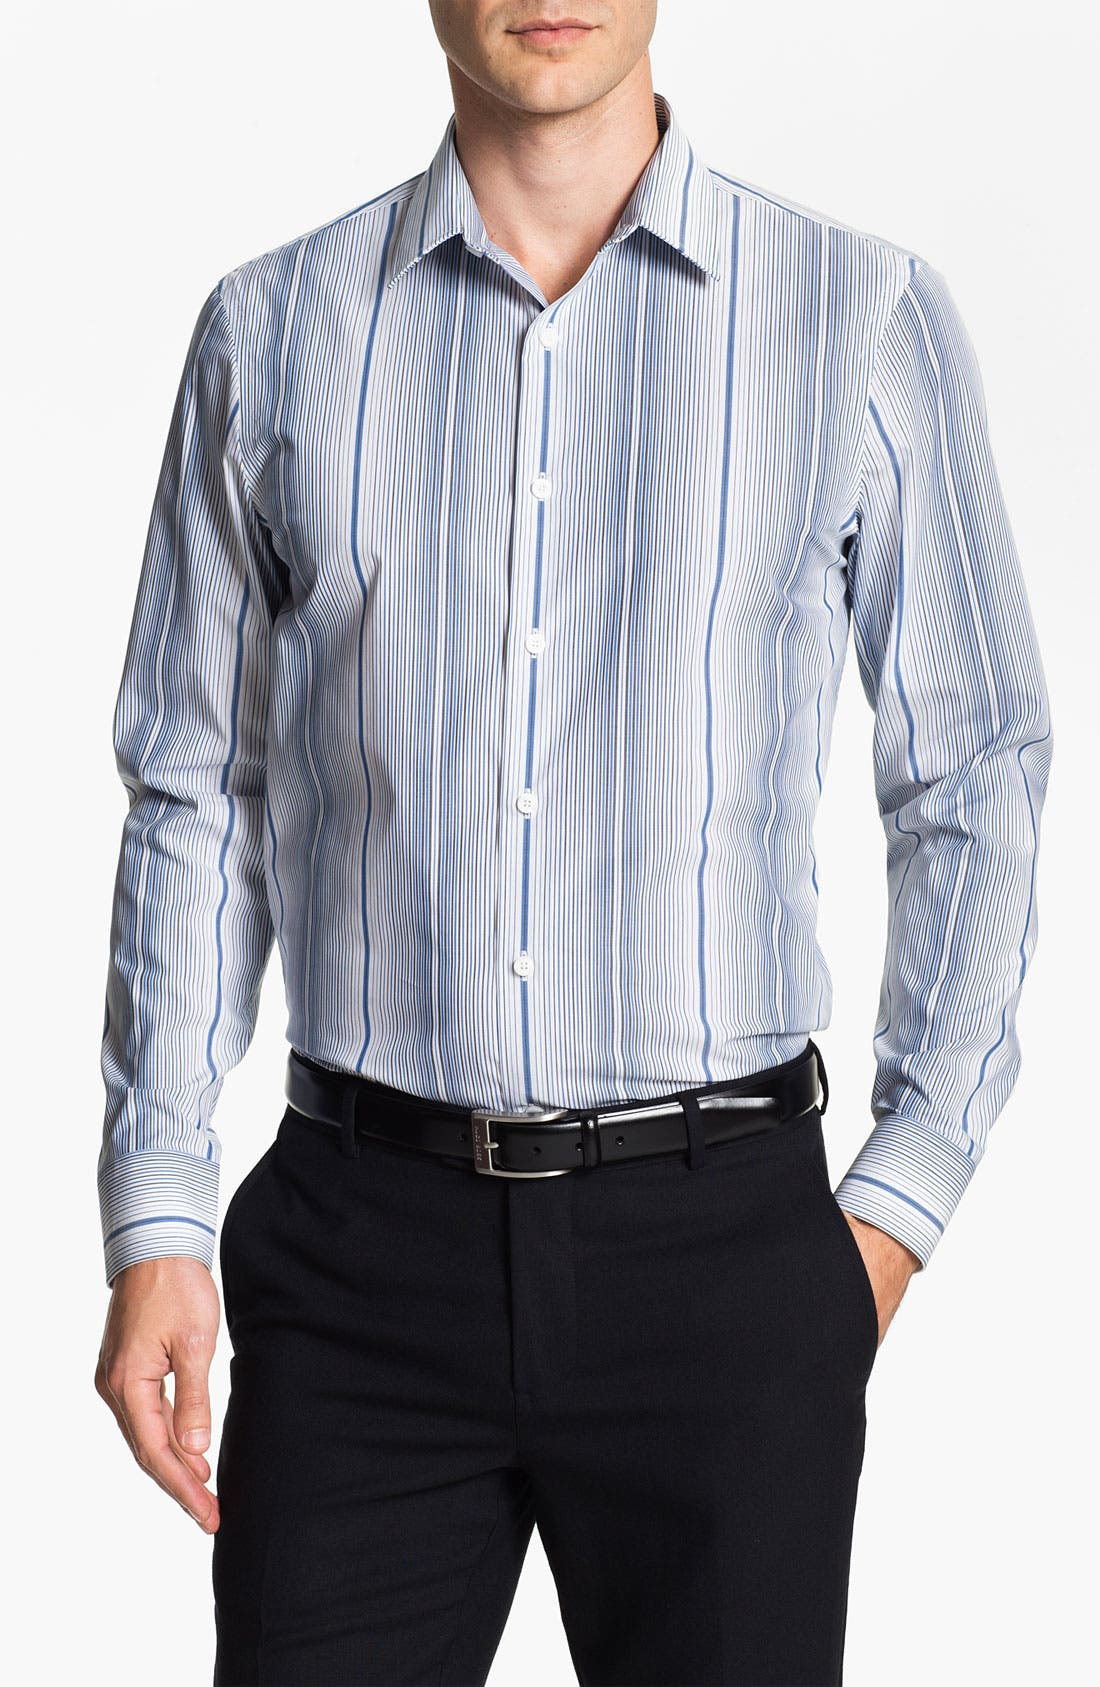 Alternate Image 1 Selected - Calibrate Regular Fit Sport Shirt